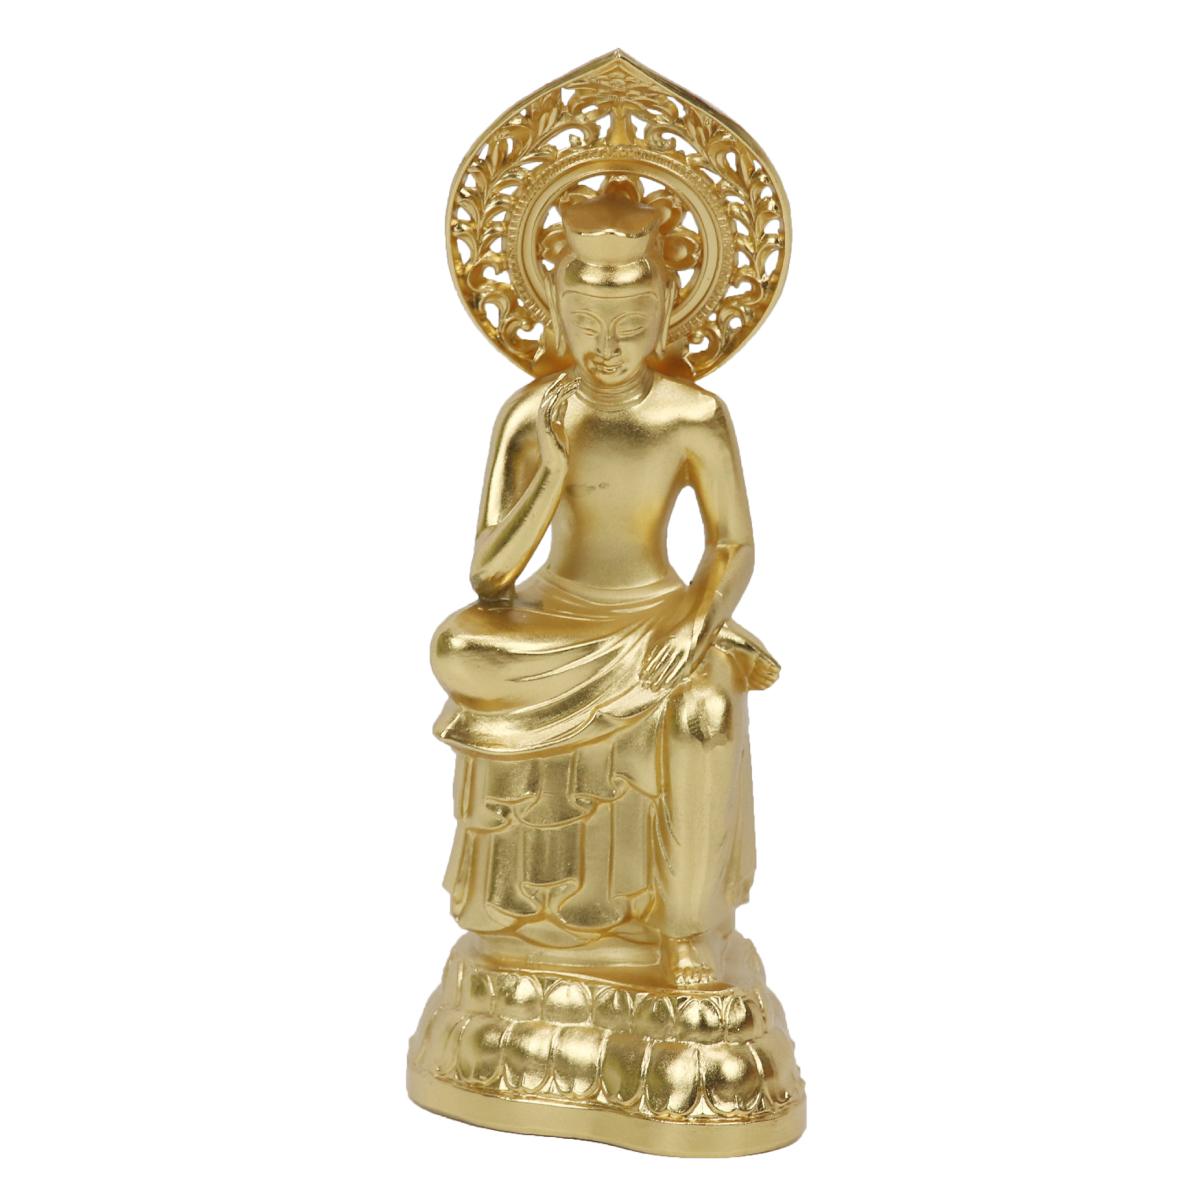 弥勒菩薩像 期間限定の激安セール 現金特価 仏像 弥勒菩薩